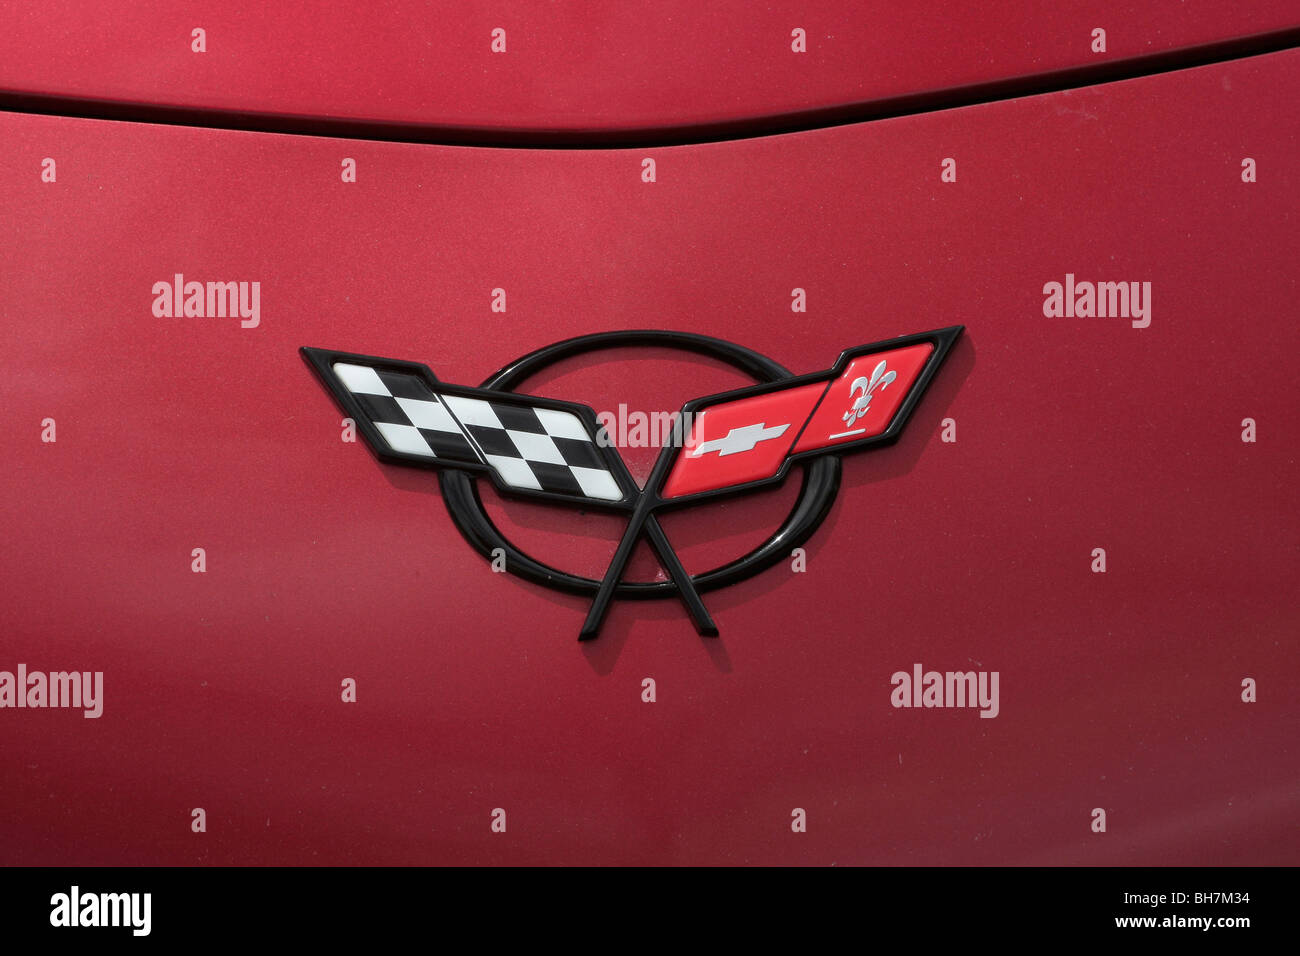 Chevrolet Corvette Logo Stock Photo